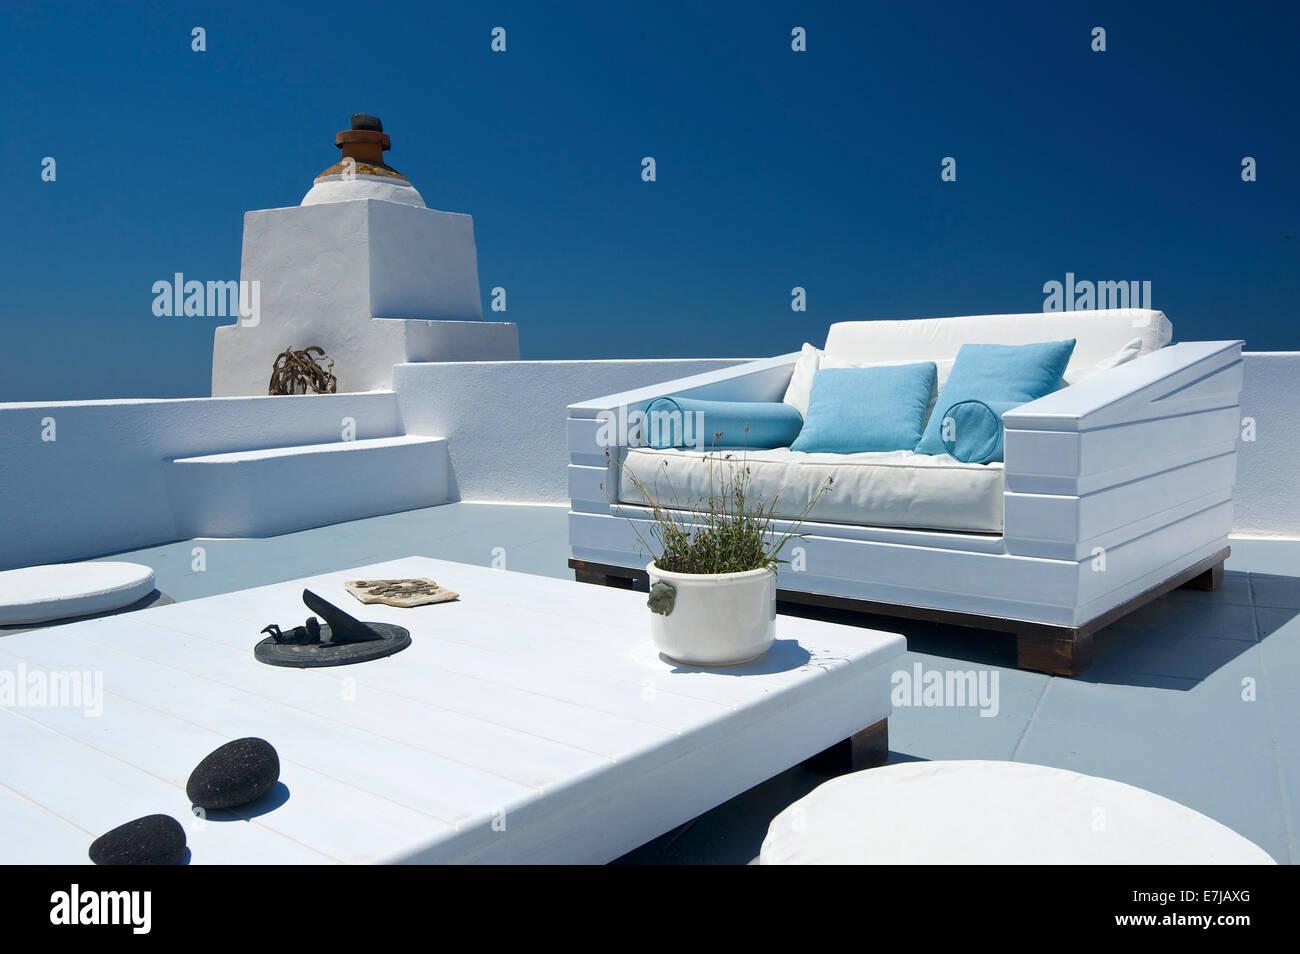 Furniture Sofas Stock Photos & Furniture Sofas Stock Images - Alamy